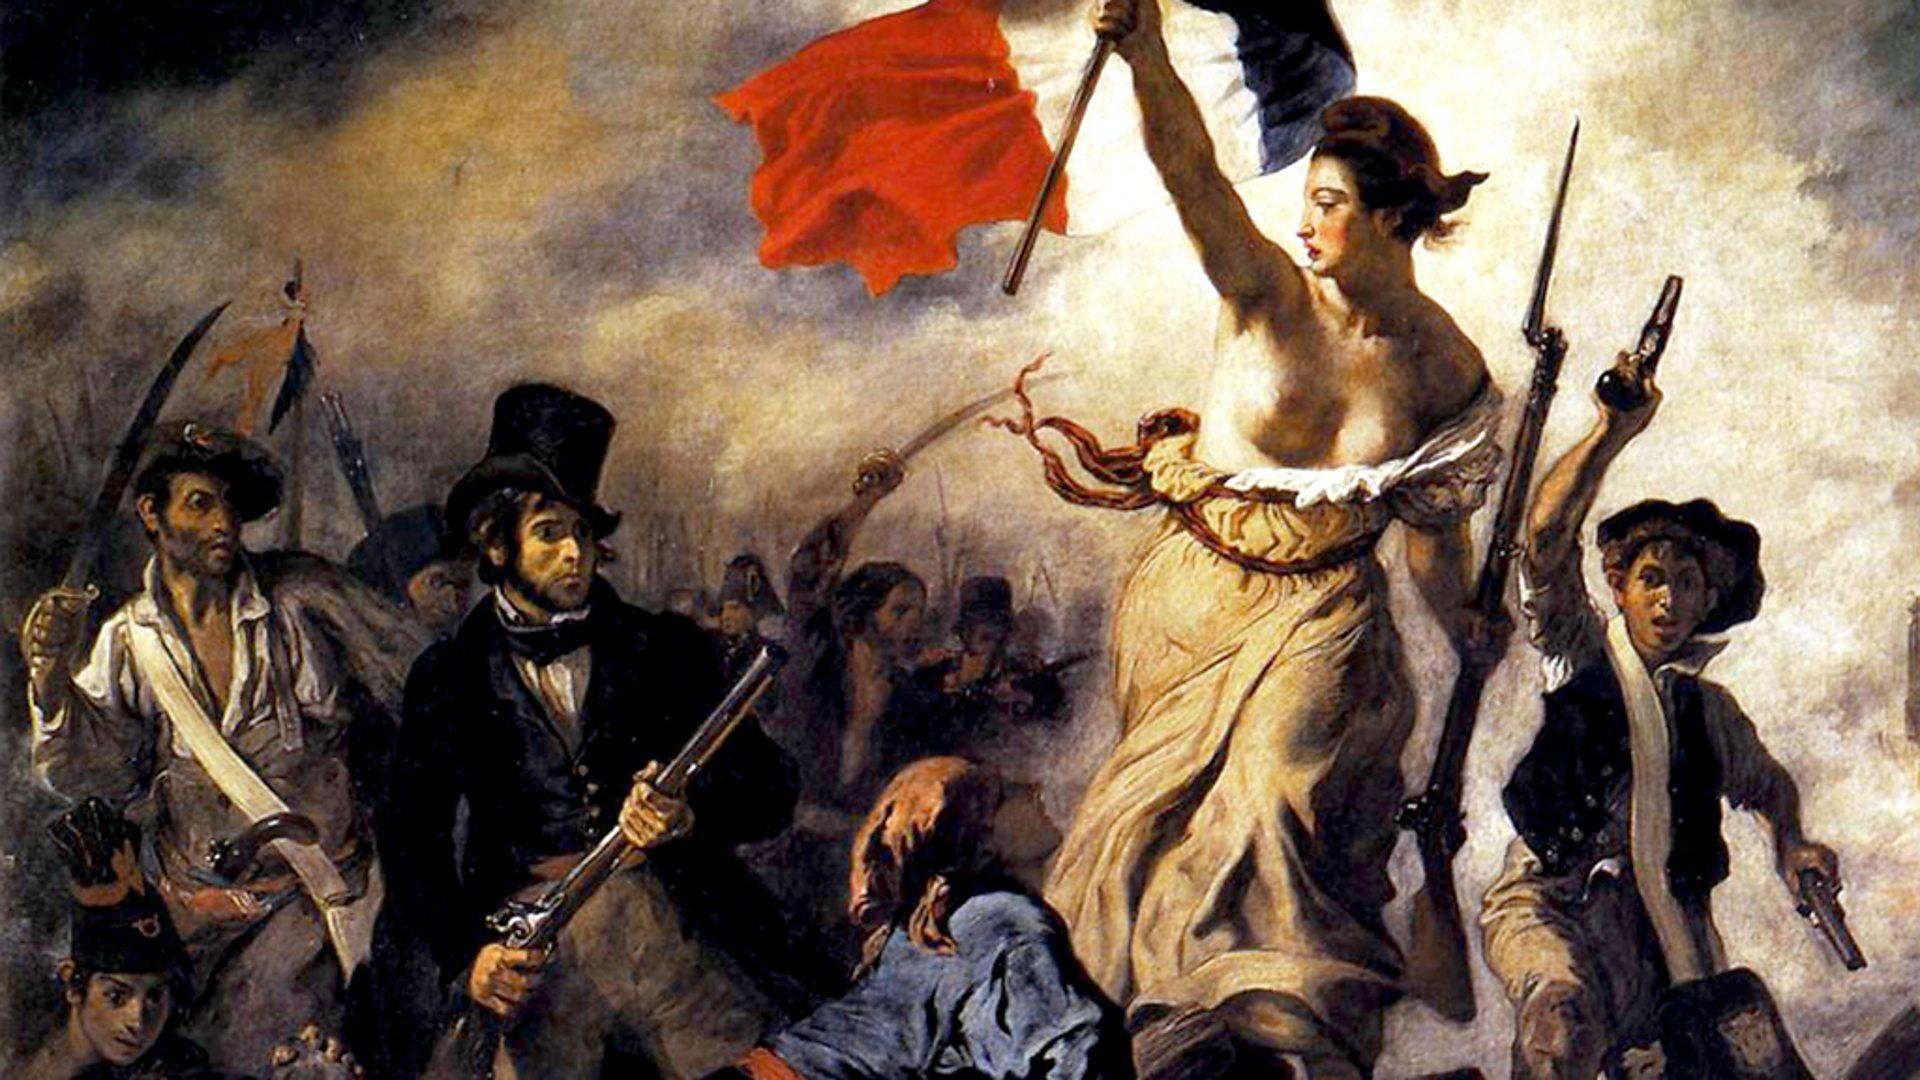 نقاشی آزادی هدایتگر مردم در موزه لوور پاریس